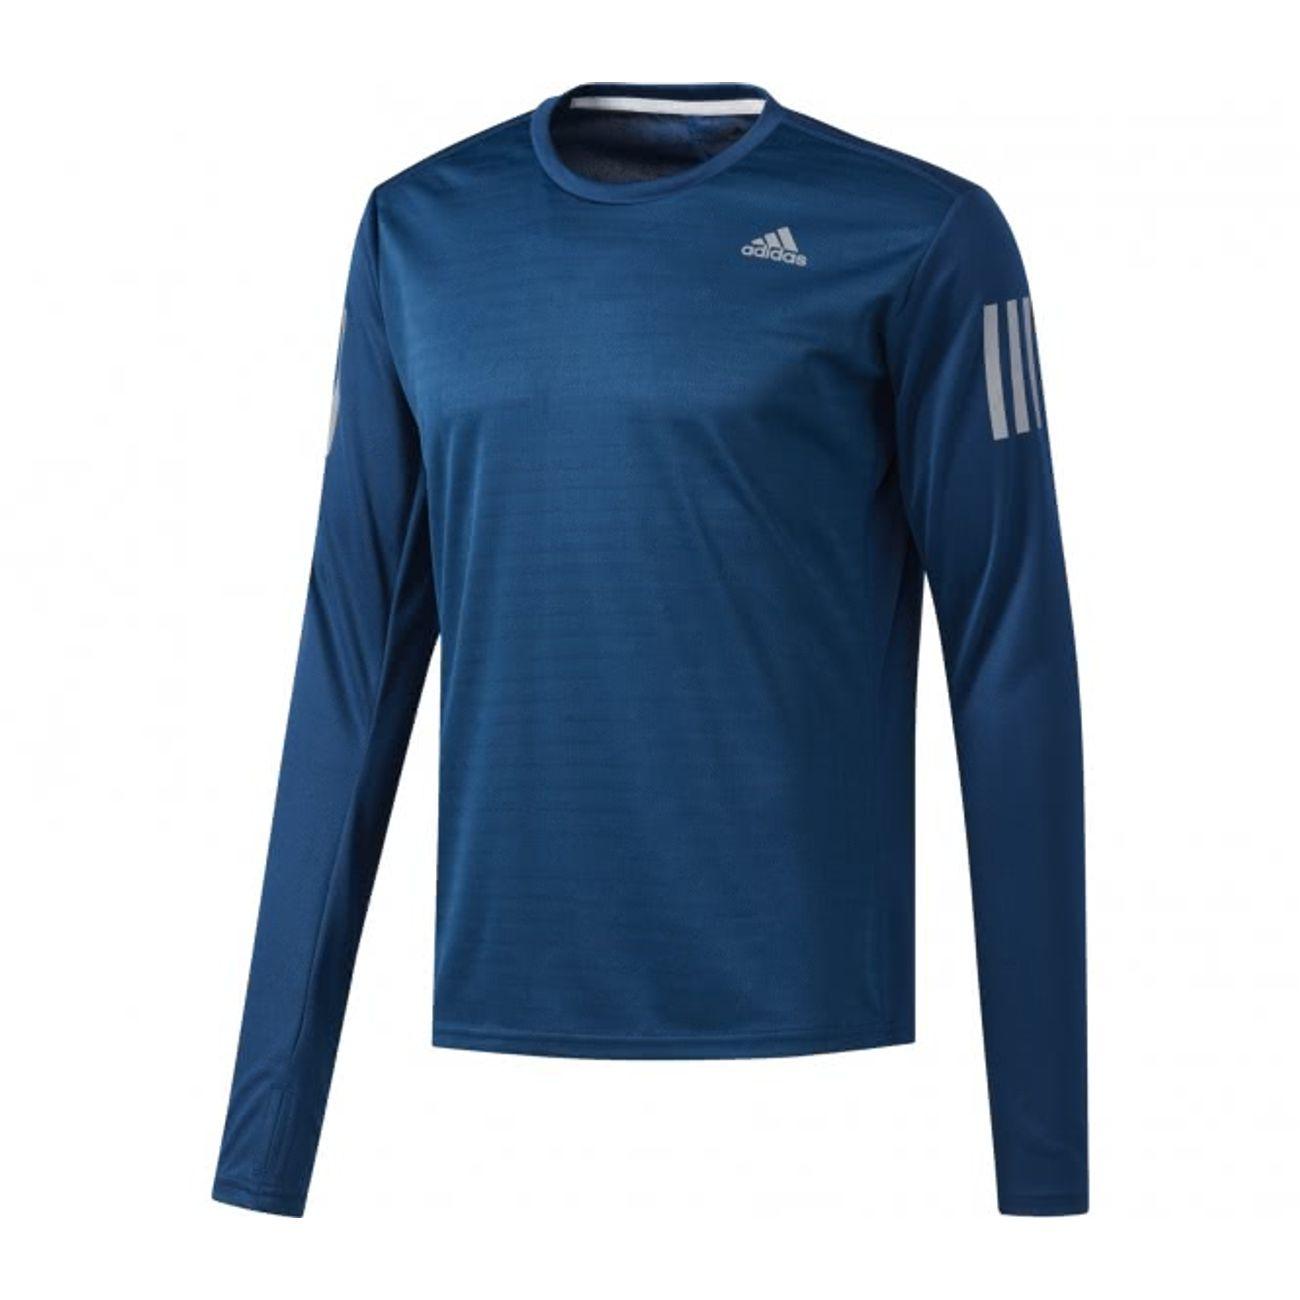 t shirt de sport manche longue adidas bleu homme